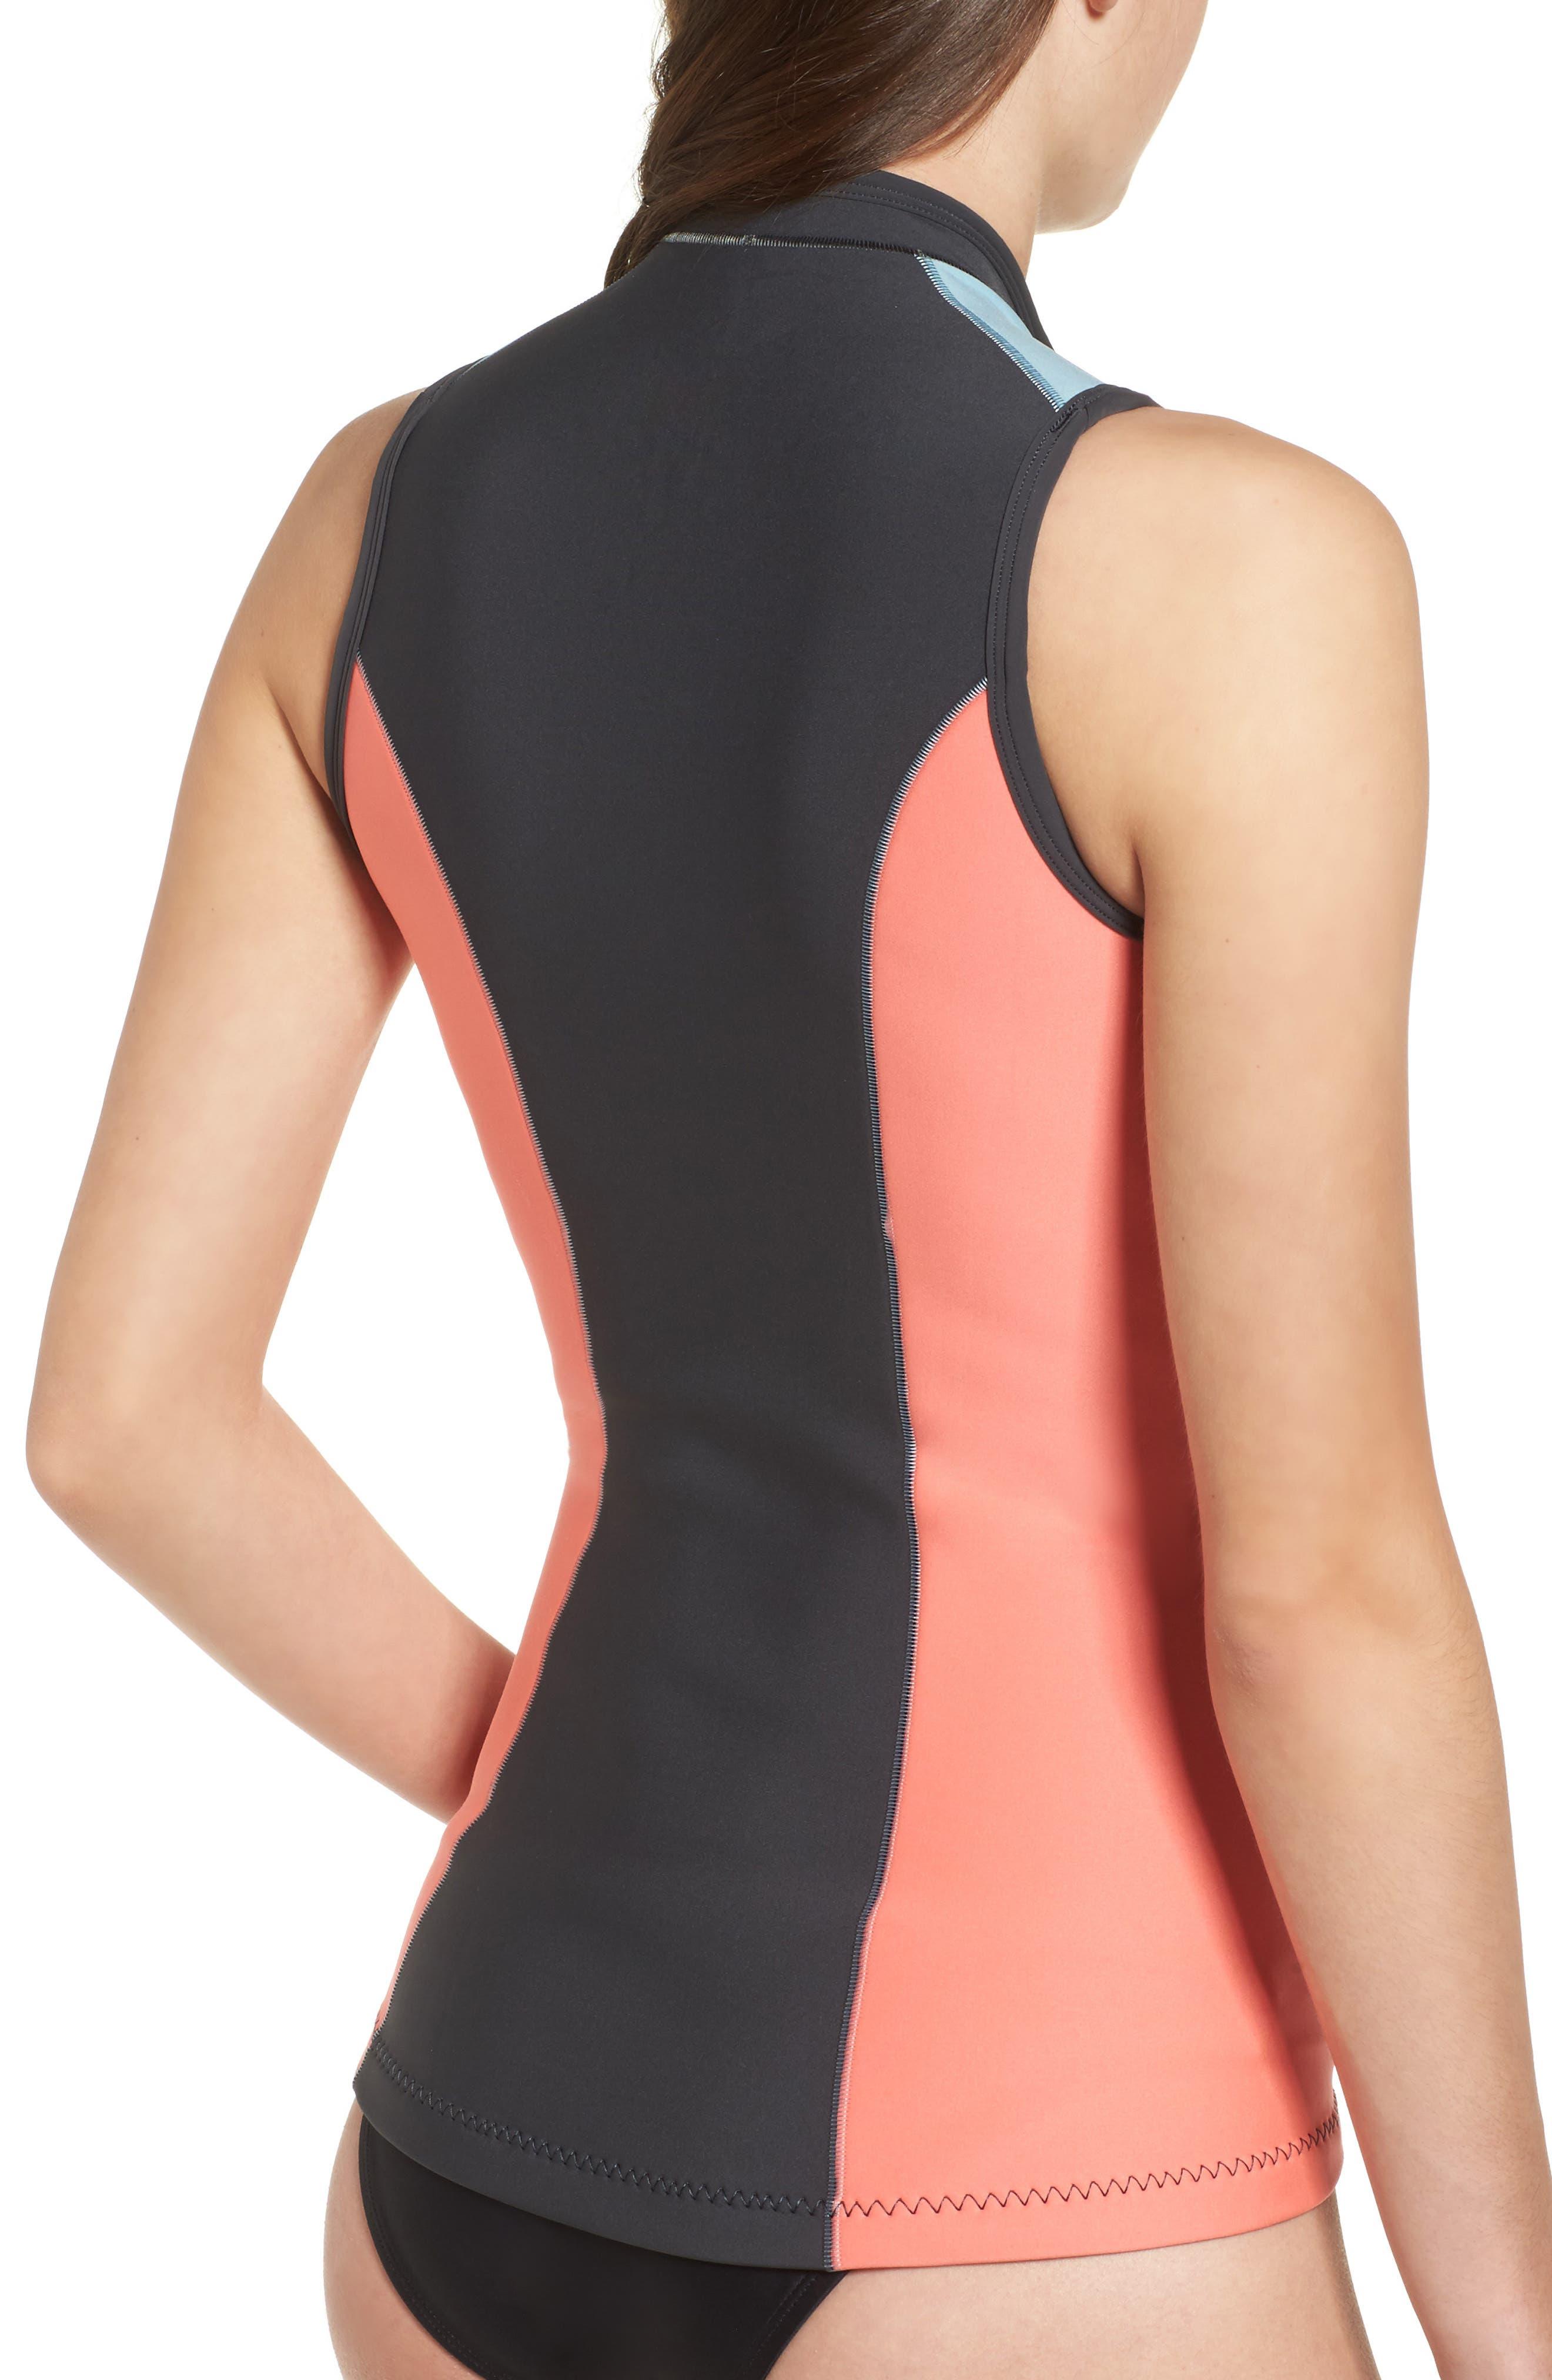 Alternate Image 2  - Rip Curl G-Bomb Wetsuit Vest